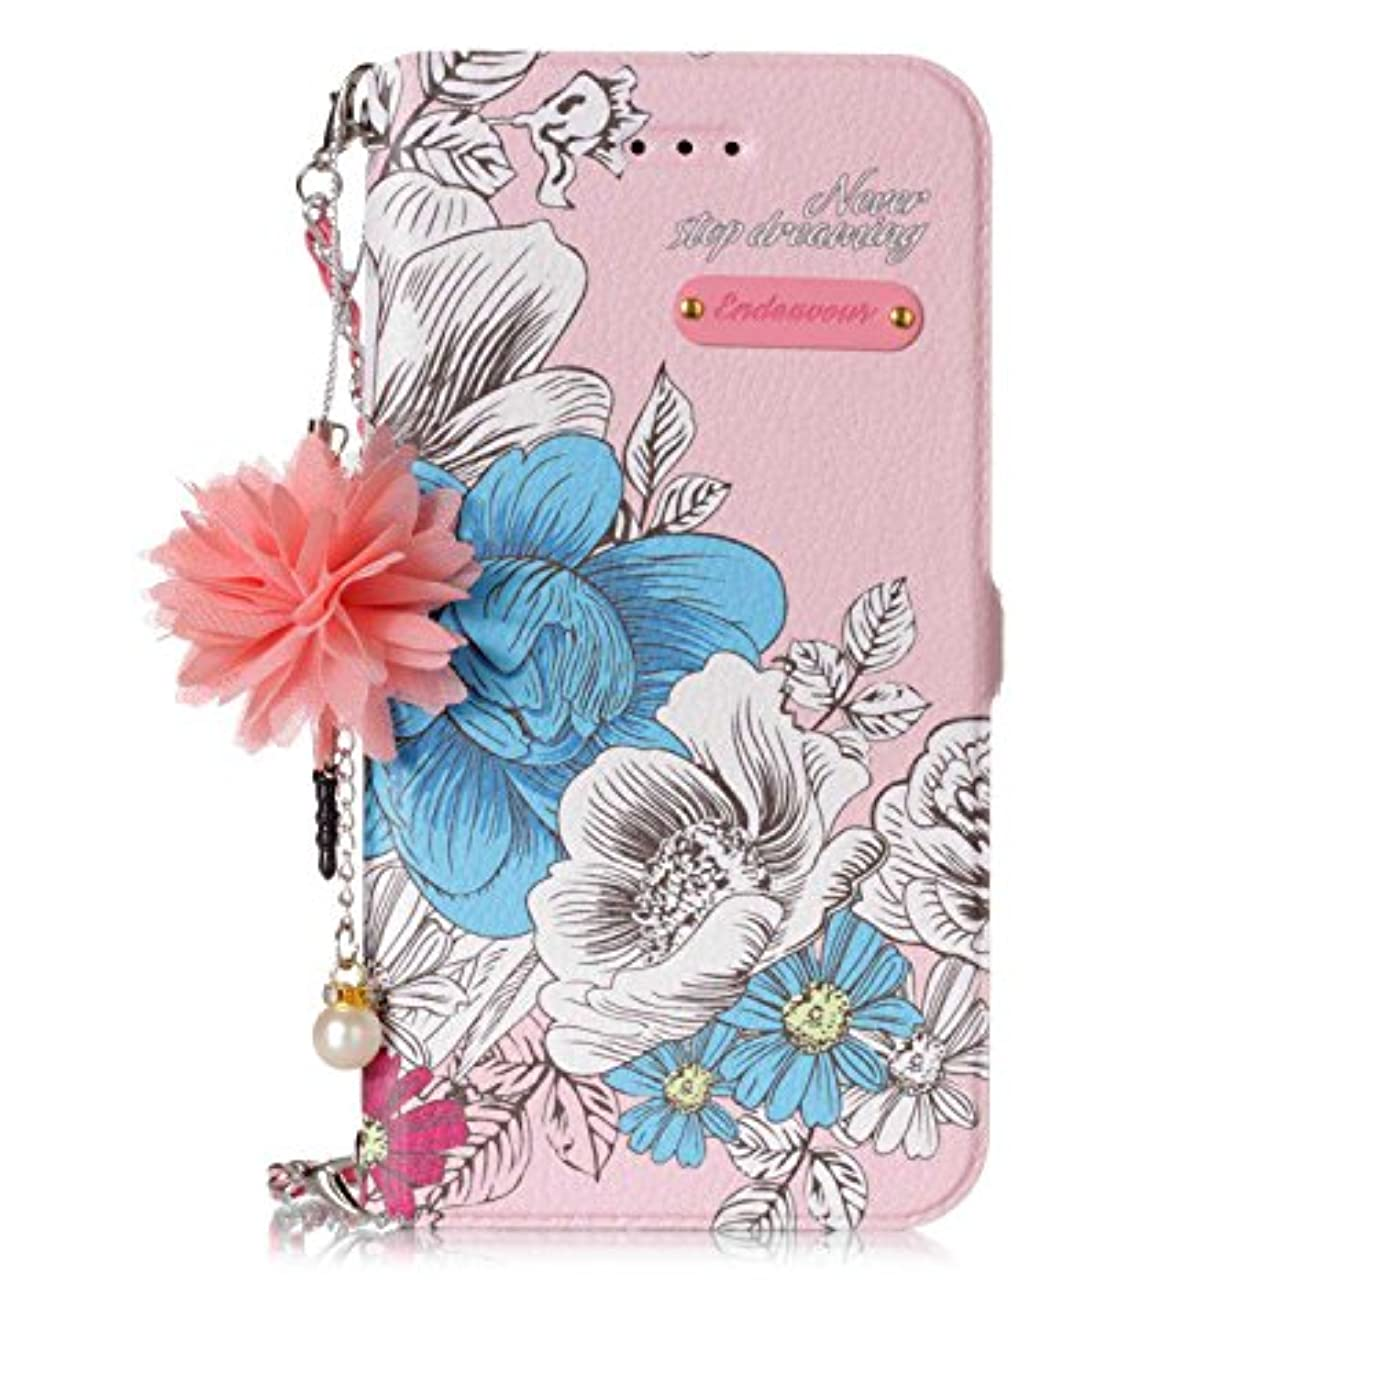 魔術パウダー特許OMATENTI iPhone 7 / iPhone 8 ケース, 簡約風 軽量 PU レザー 財布型 カバー ケース, こがら 花柄 人気 かわいい レディース用 ケース ザー カード収納 スタンド 機能 マグネット, iPhone 7 / iPhone 8 用 Case Cover, ピンクブルーローズ